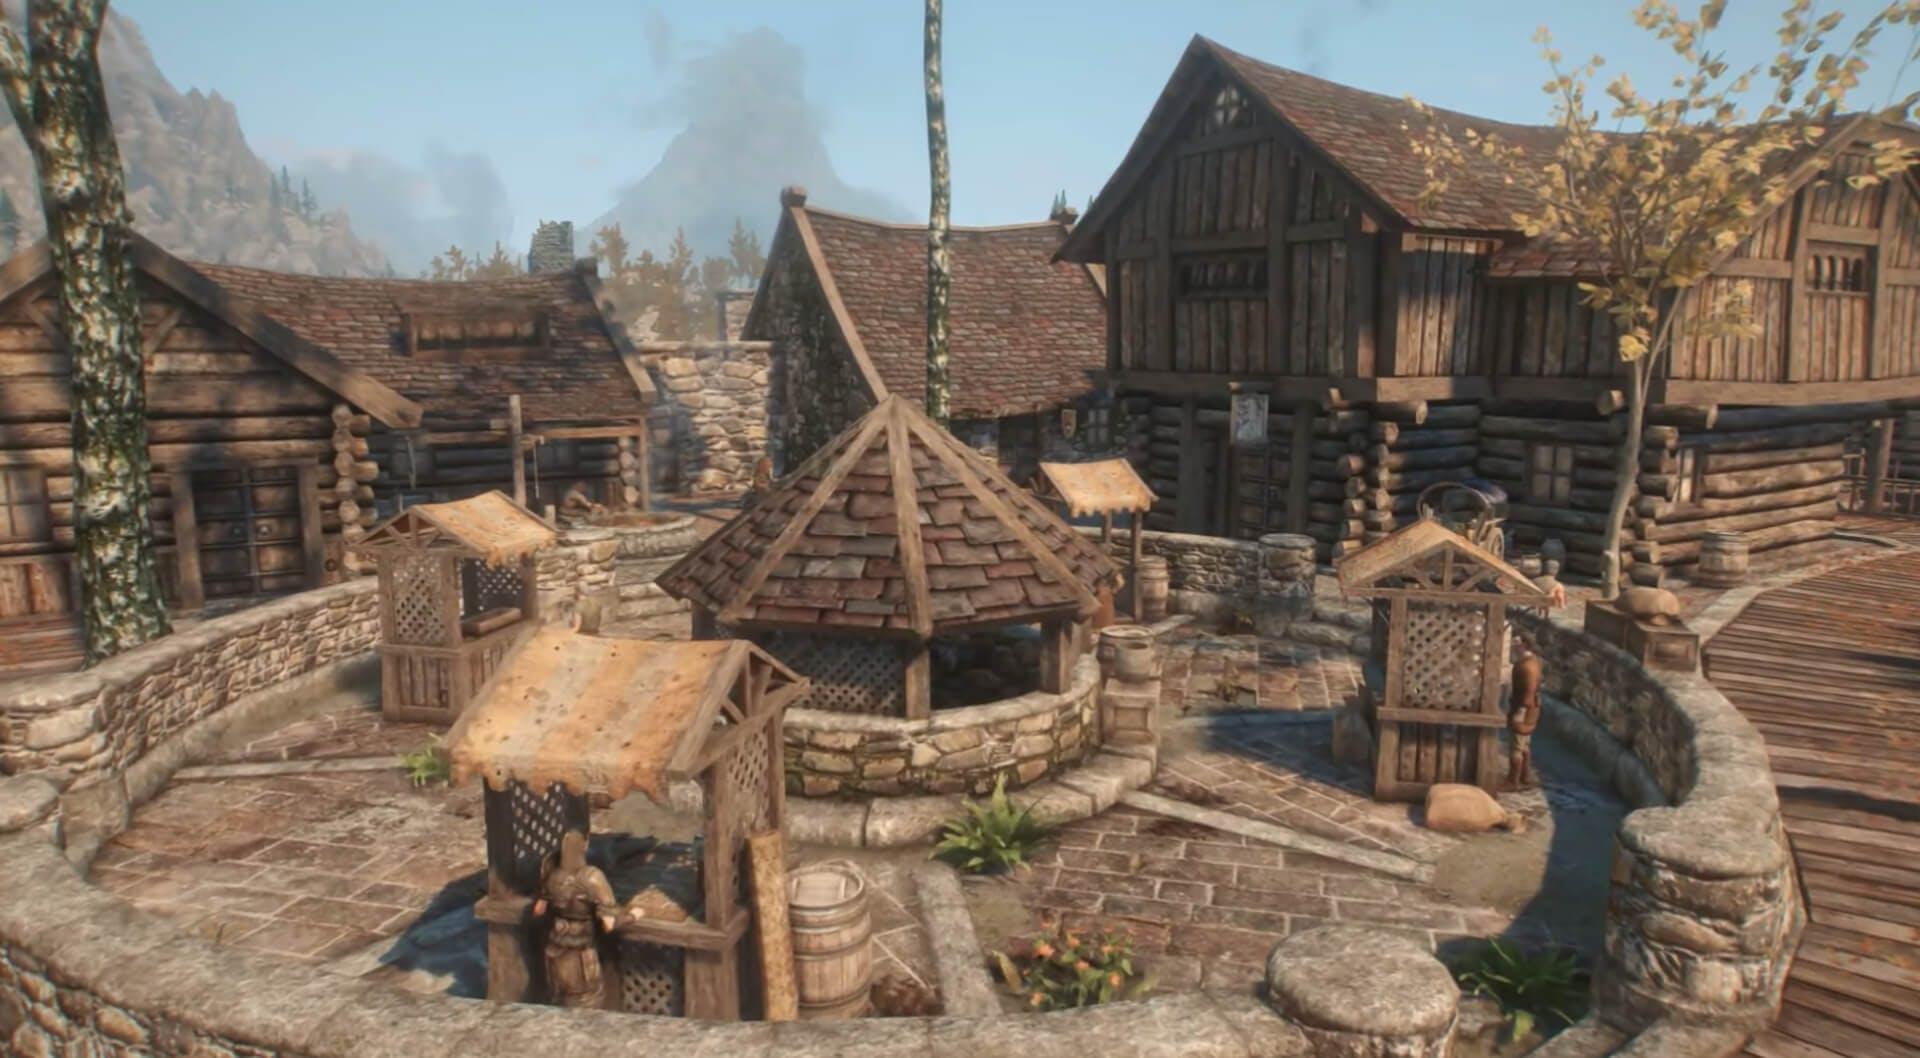 Skyrim - Riften thieves guild